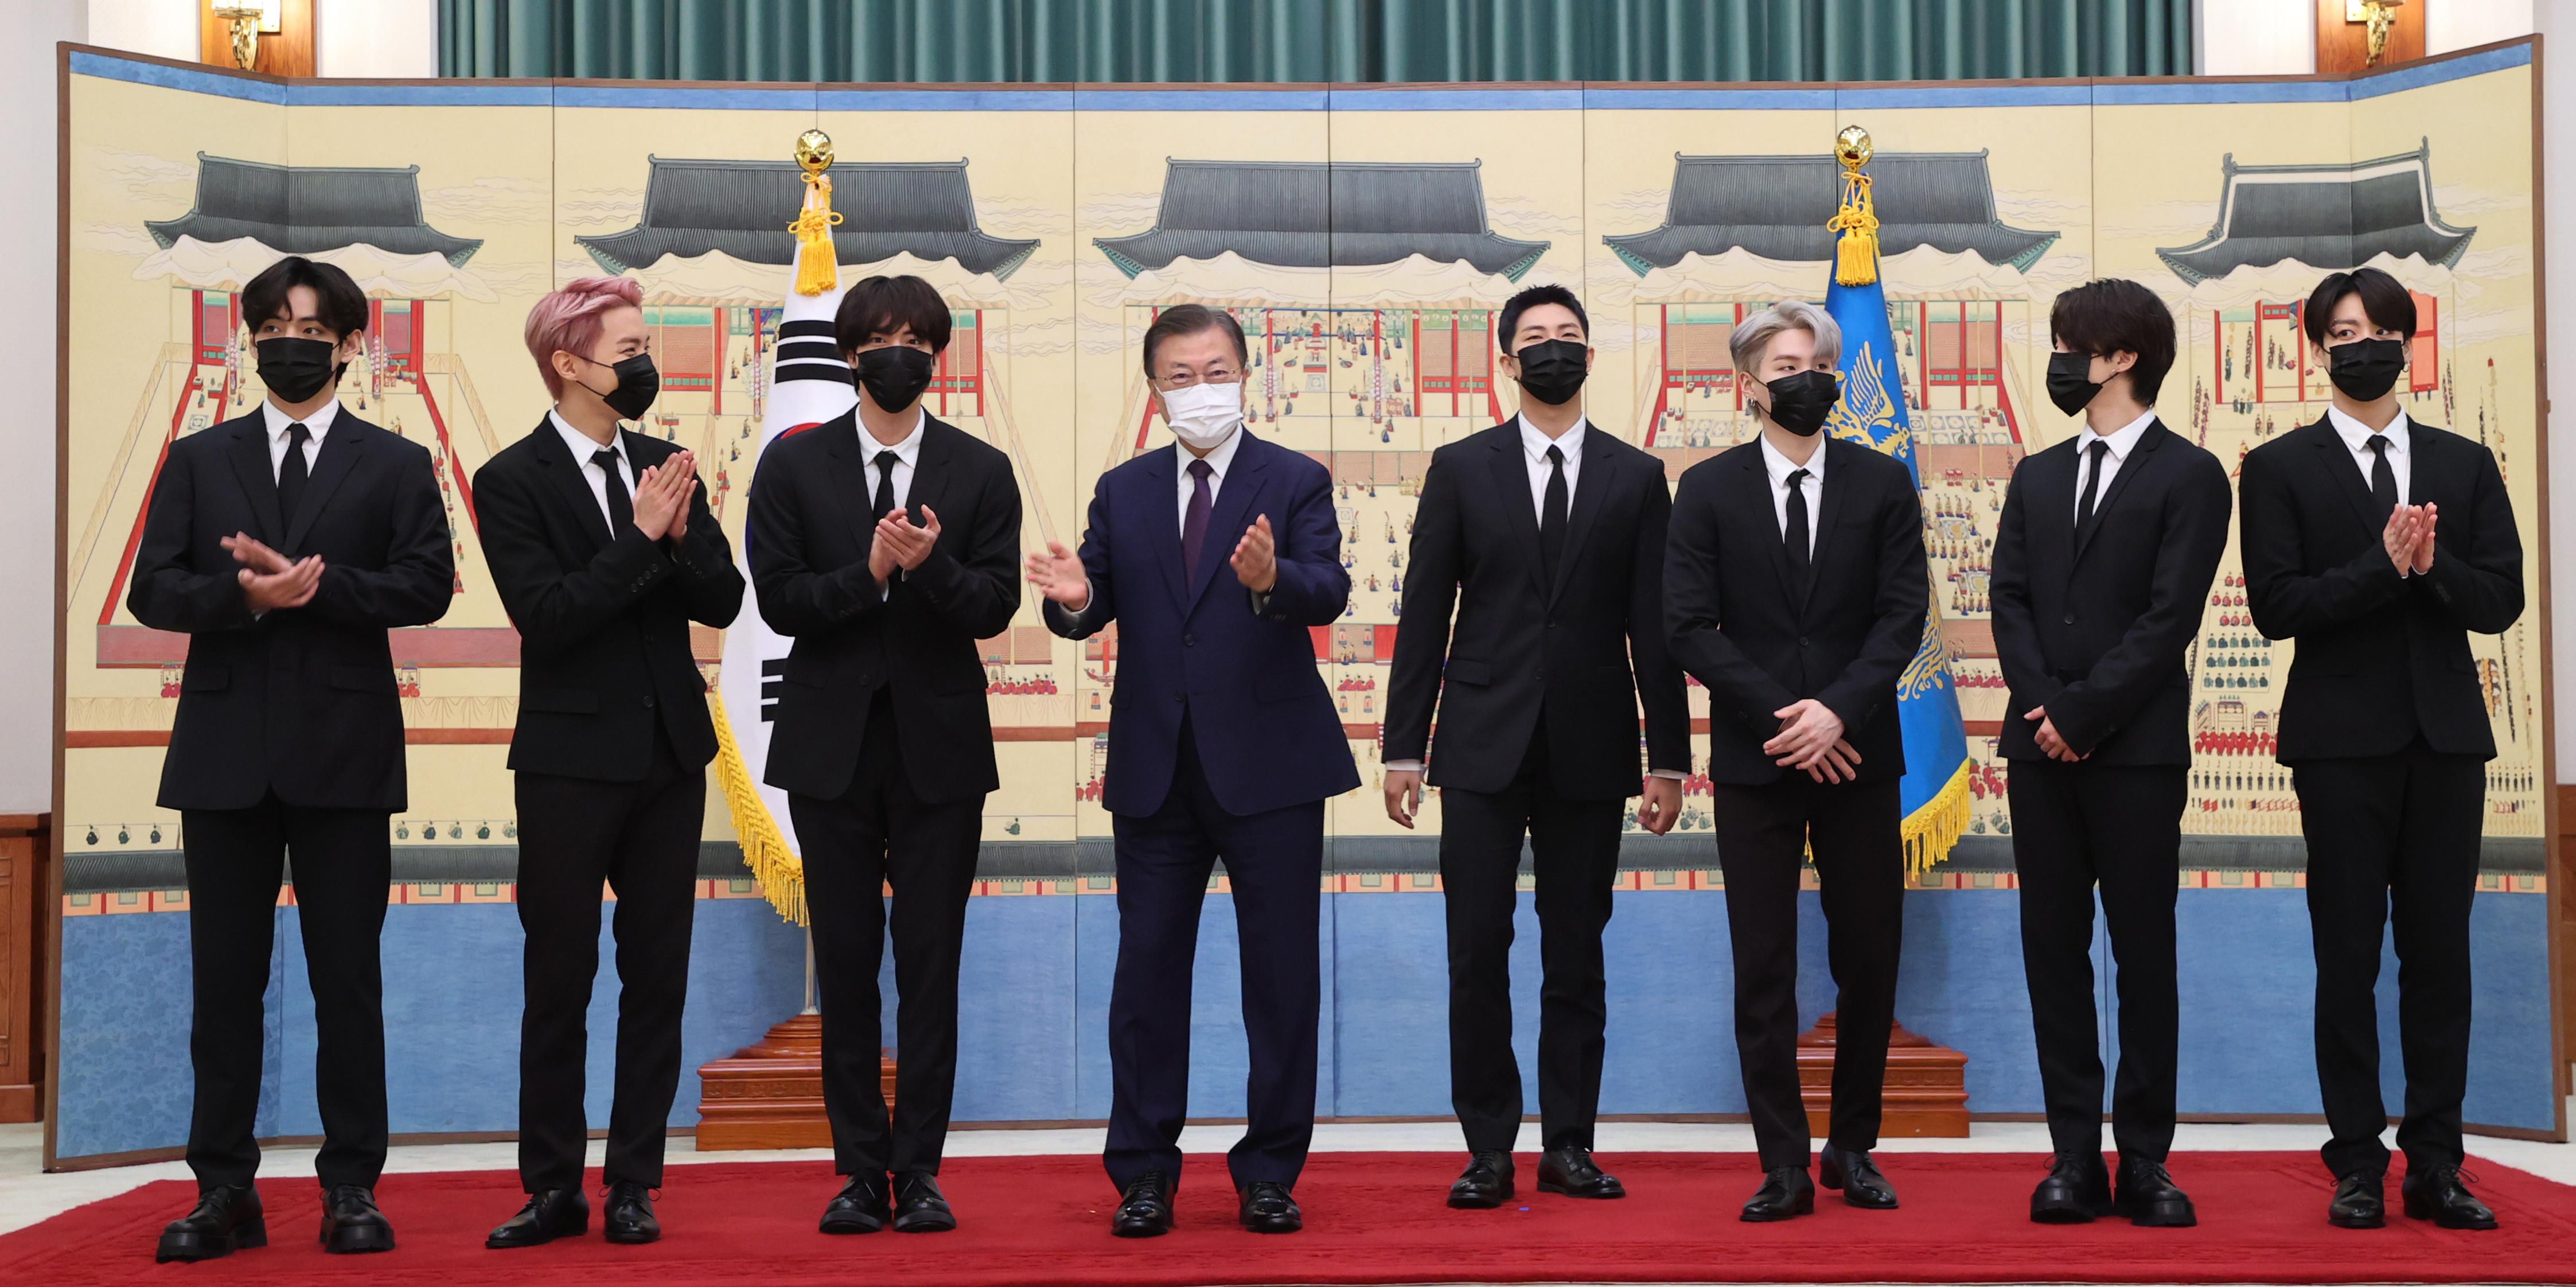 ▲▼防彈少年團14日在青瓦台獲頒「未來世代與文化總統特別使節」任命狀。(圖/達志影像/newscom)